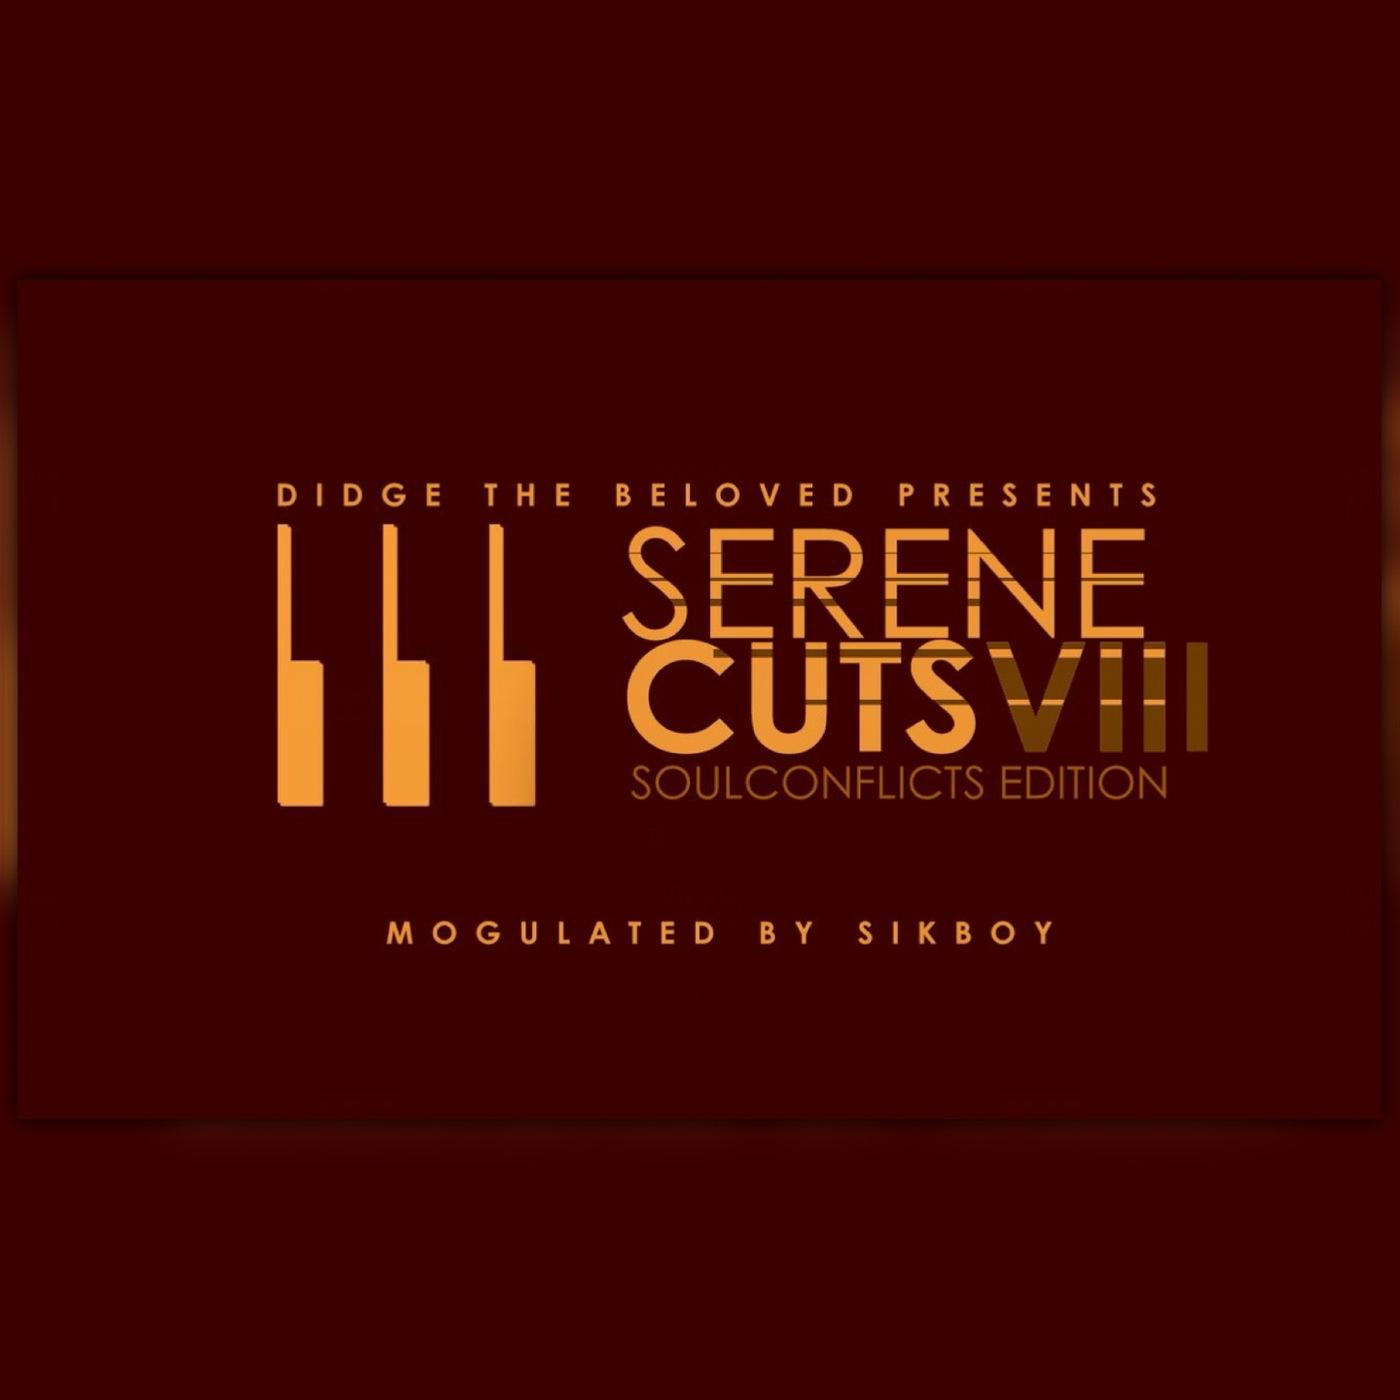 Serene Cuts' Podcast